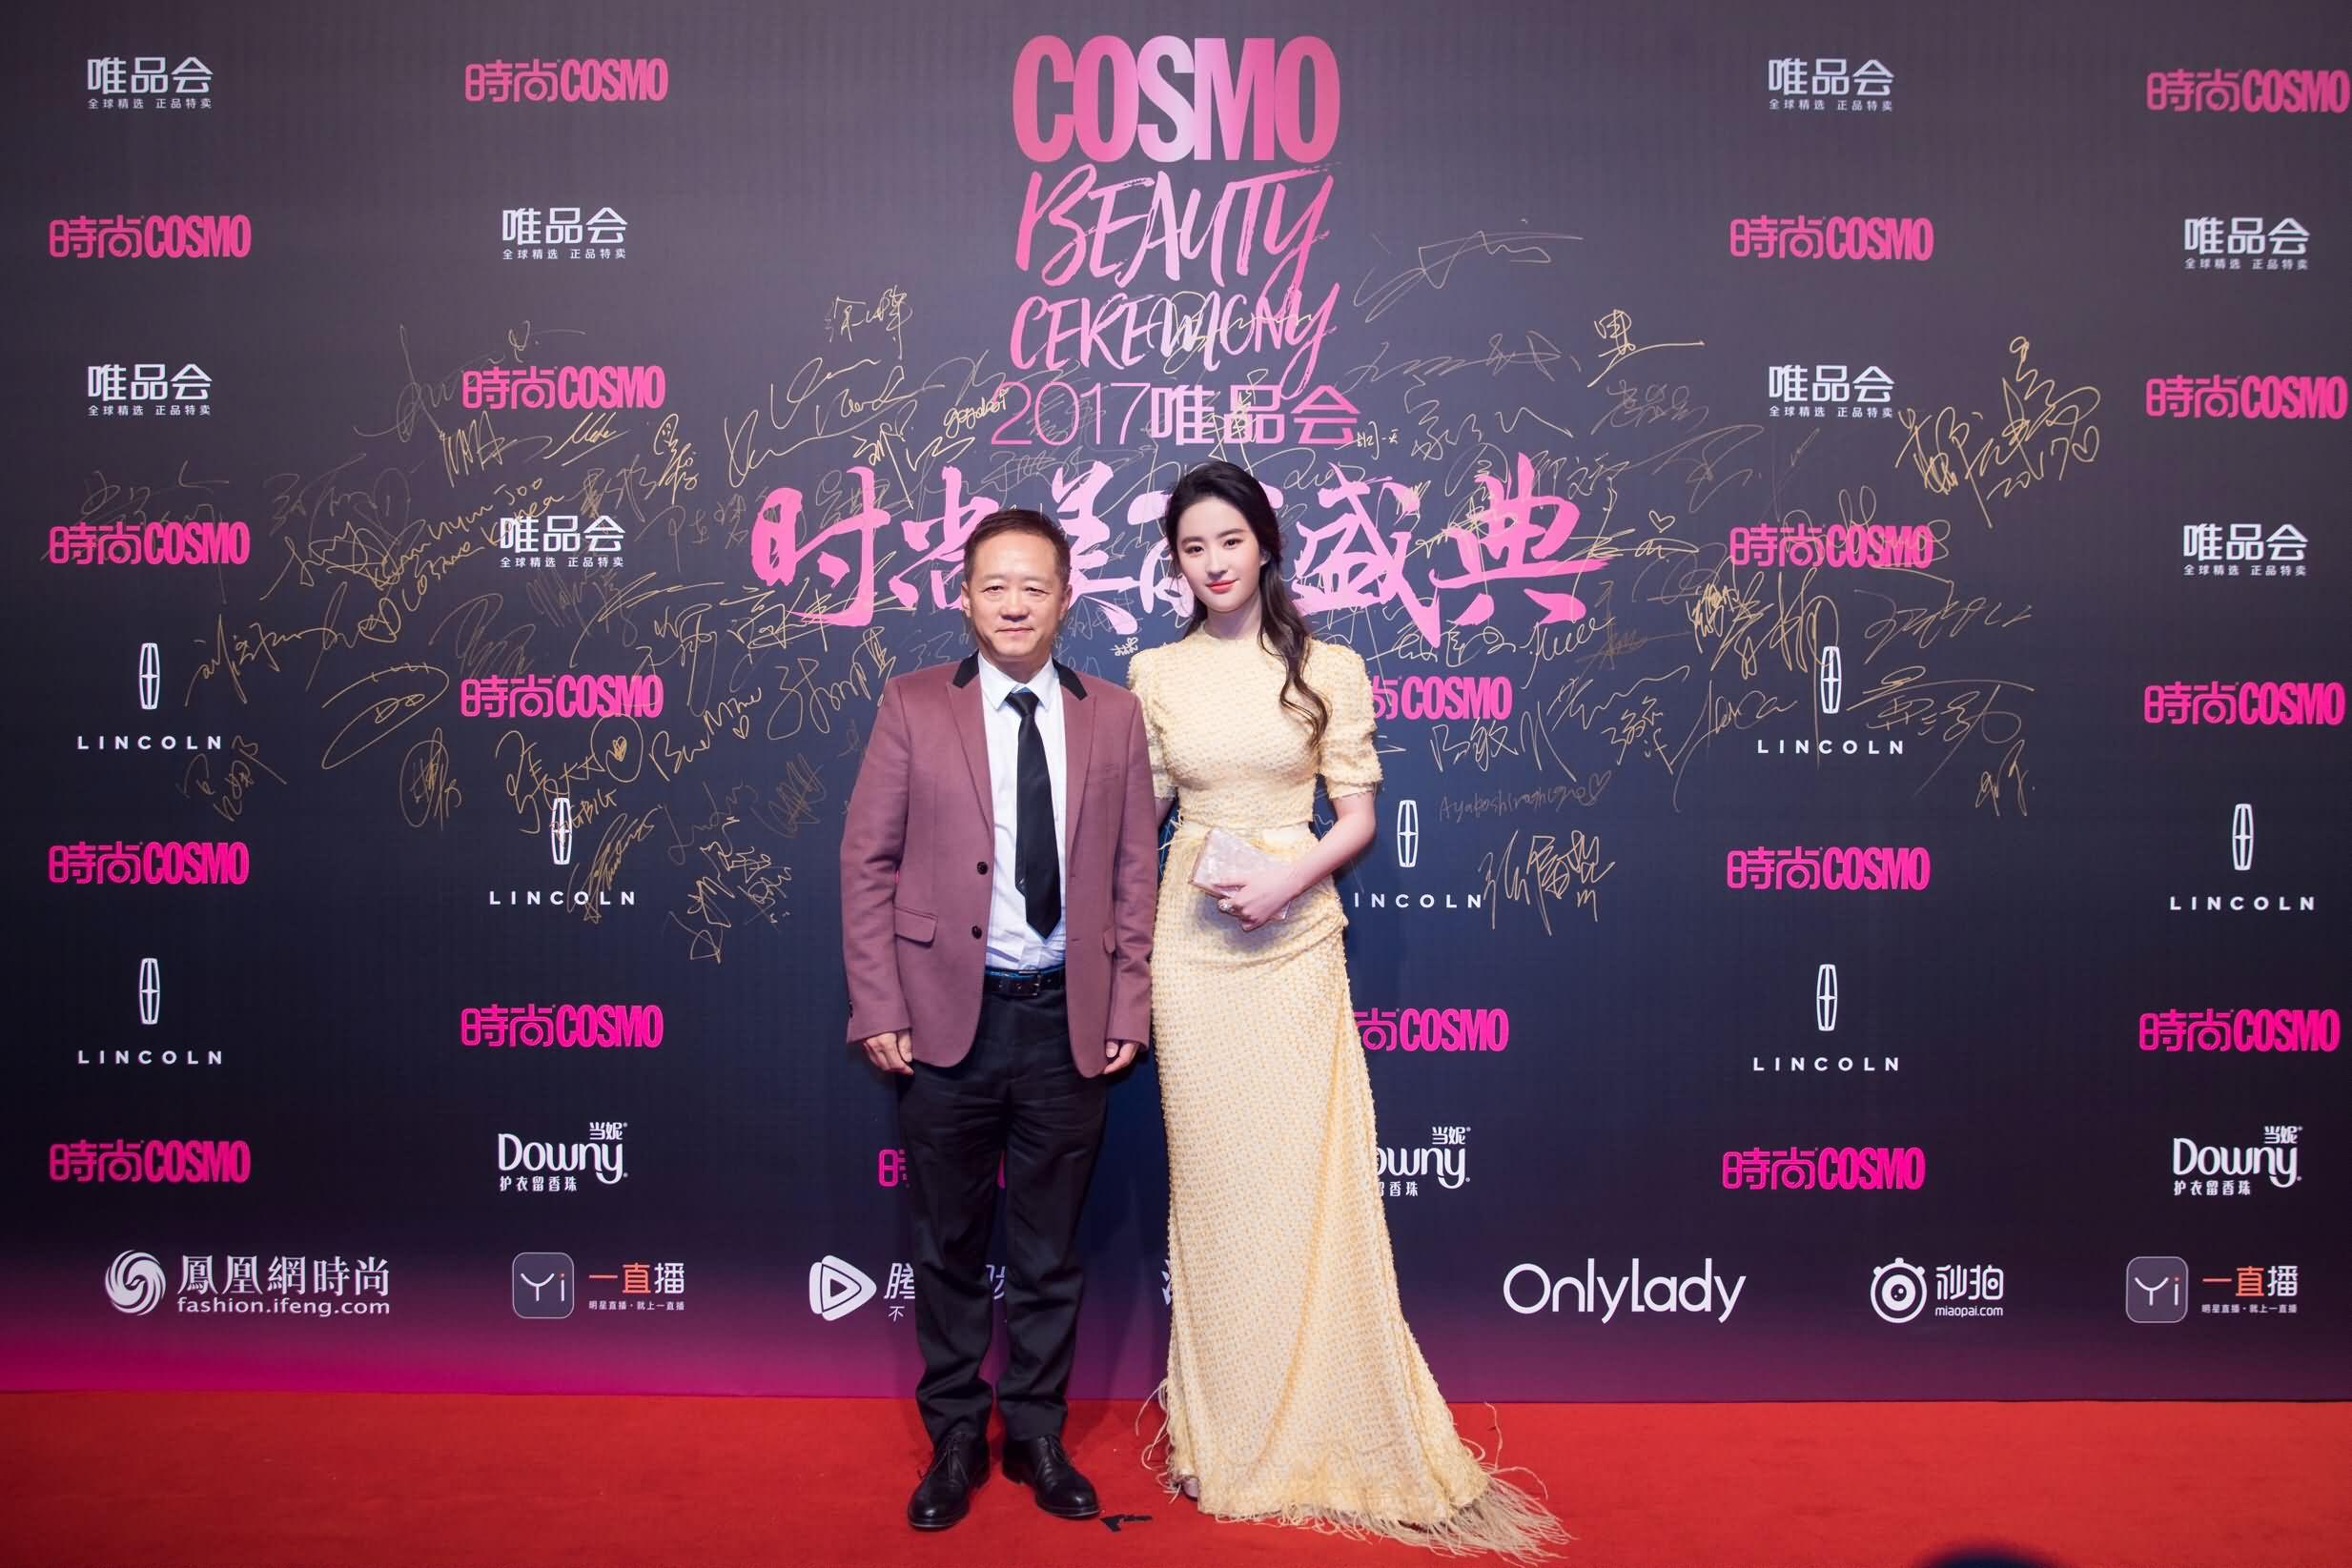 获2017#COSMO时尚美丽盛典#年度最美人物大奖